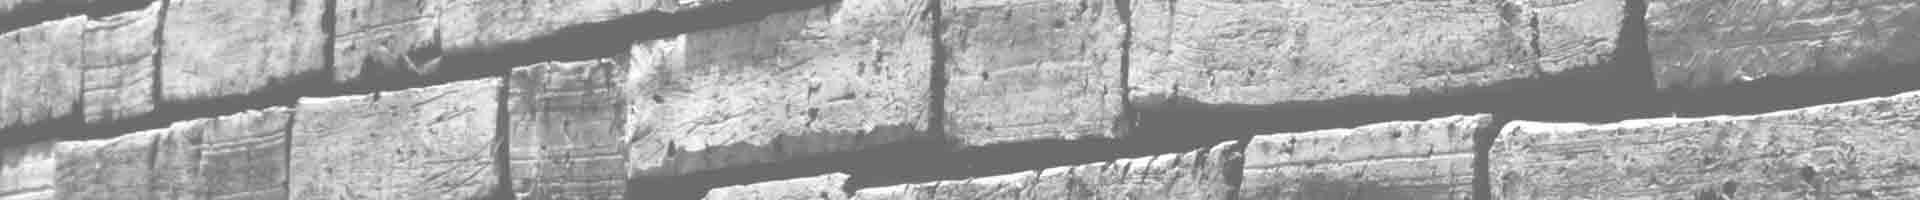 kamenny koberec baner